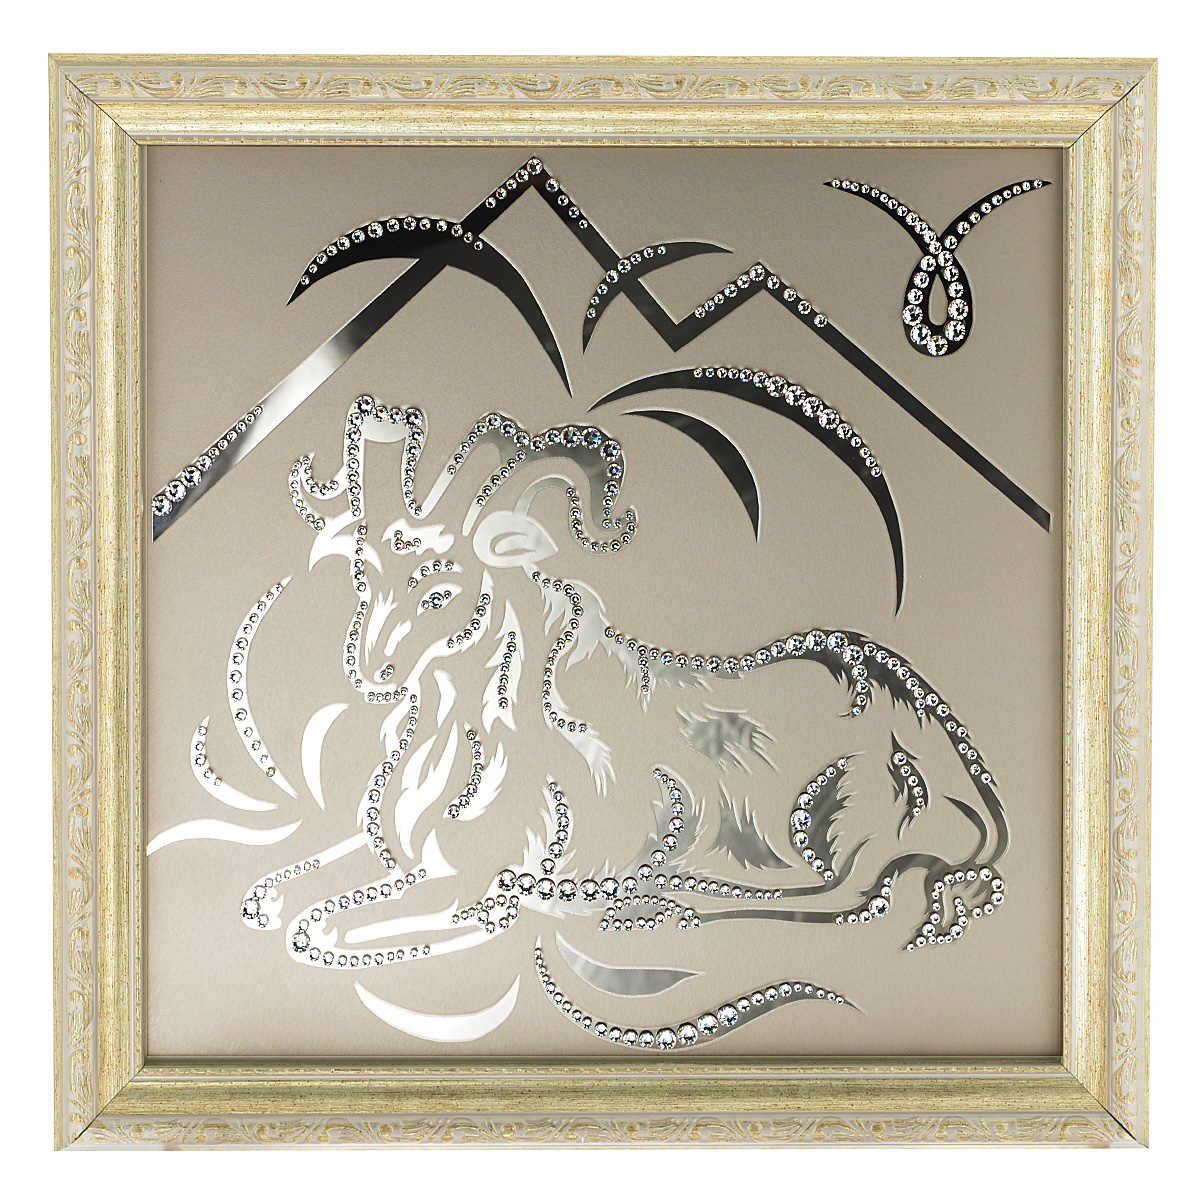 Картина с кристаллами Swarovski Знак зодиака. Овен, 35 см х 35 смAG 40-07Изящная картина в багетной раме Знак зодиака. Овен инкрустирована кристаллами Swarovski, которые отличаются четкой и ровной огранкой, ярким блеском и чистотой цвета. Идеально подобранная палитра кристаллов прекрасно дополняет картину. С задней стороны изделие оснащено проволокой для размещения на стене. Картина с кристаллами Swarovski элегантно украсит интерьер дома, а также станет прекрасным подарком, который обязательно понравится получателю. Блеск кристаллов в интерьере - что может быть сказочнее и удивительнее. Изделие упаковано в подарочную картонную коробку синего цвета и комплектуется сертификатом соответствия Swarovski.